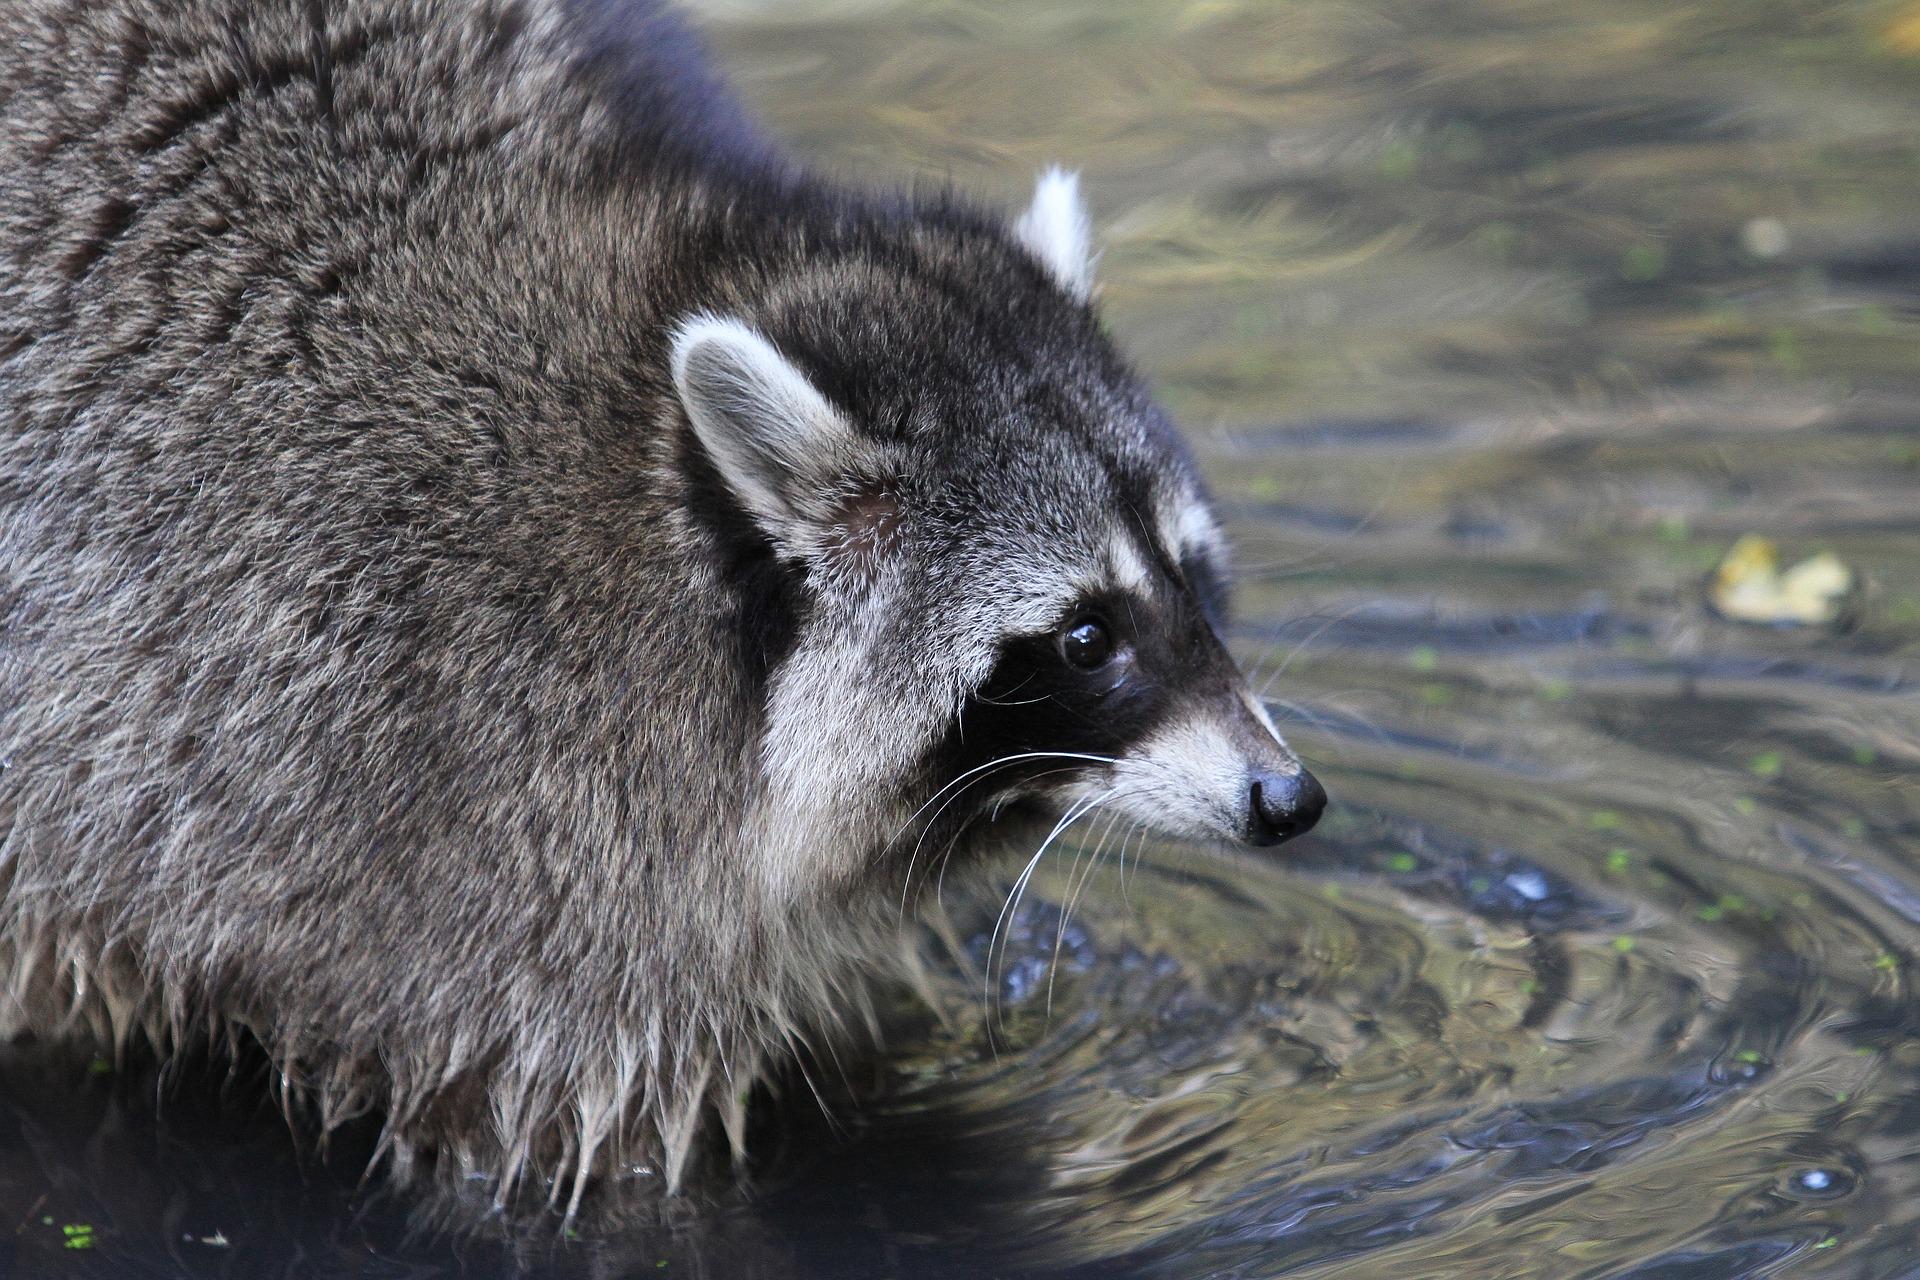 szop pracz, szop w Polsce, czy szop pierze, dlaczego pierze, płukanie jedzenia, blog o dzikich zwierzętach, animalistka, animalistka.pl